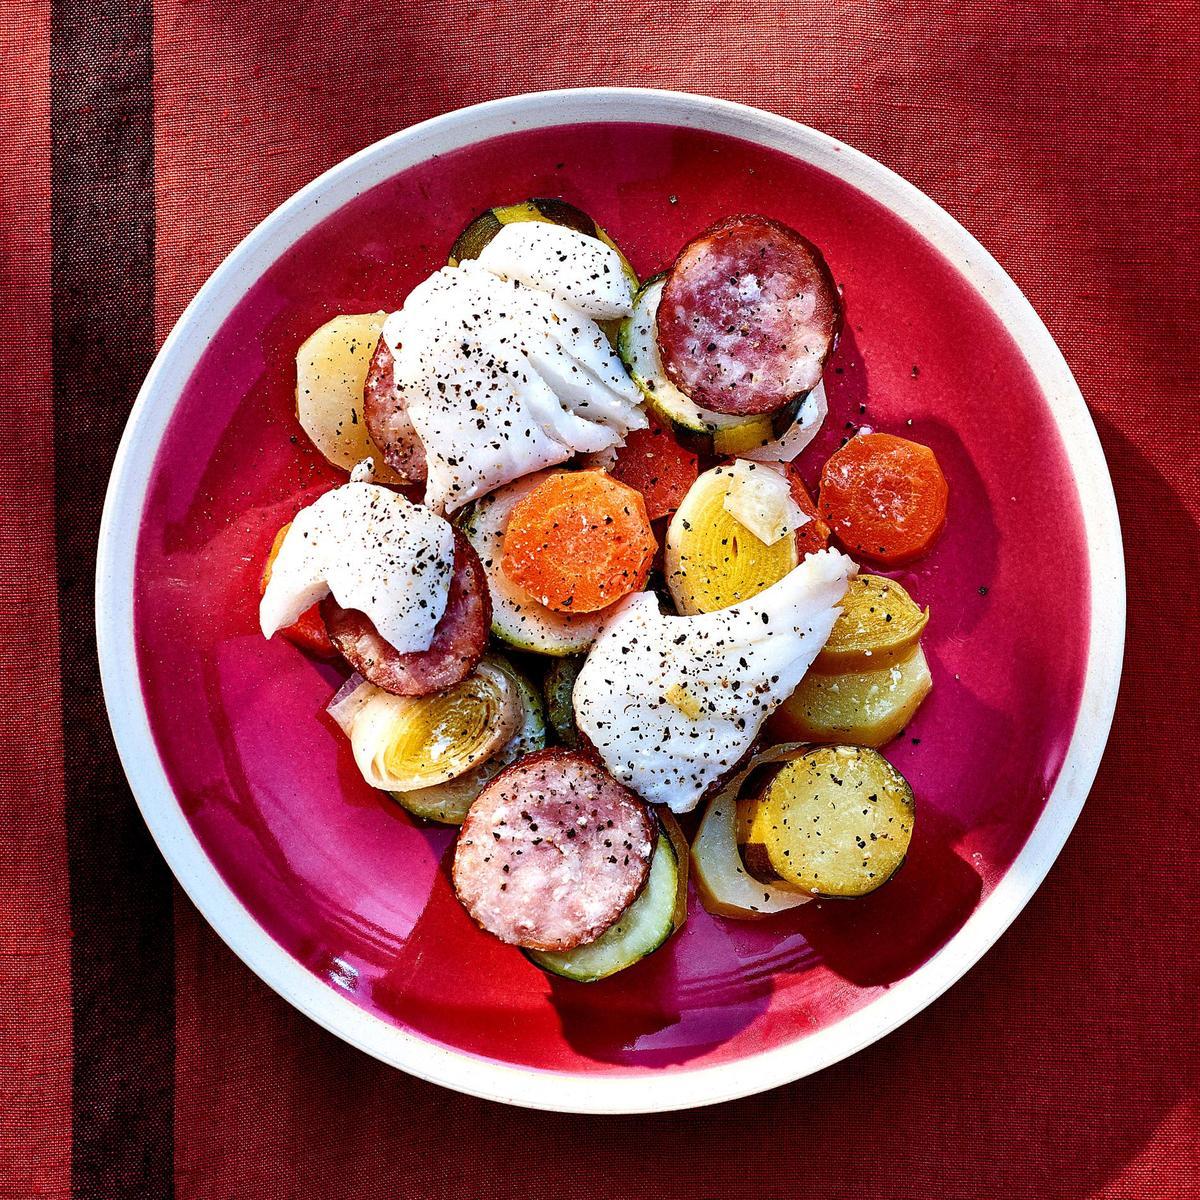 Recette patates pigouille cuisine madame figaro - Madame figaro cuisine ...